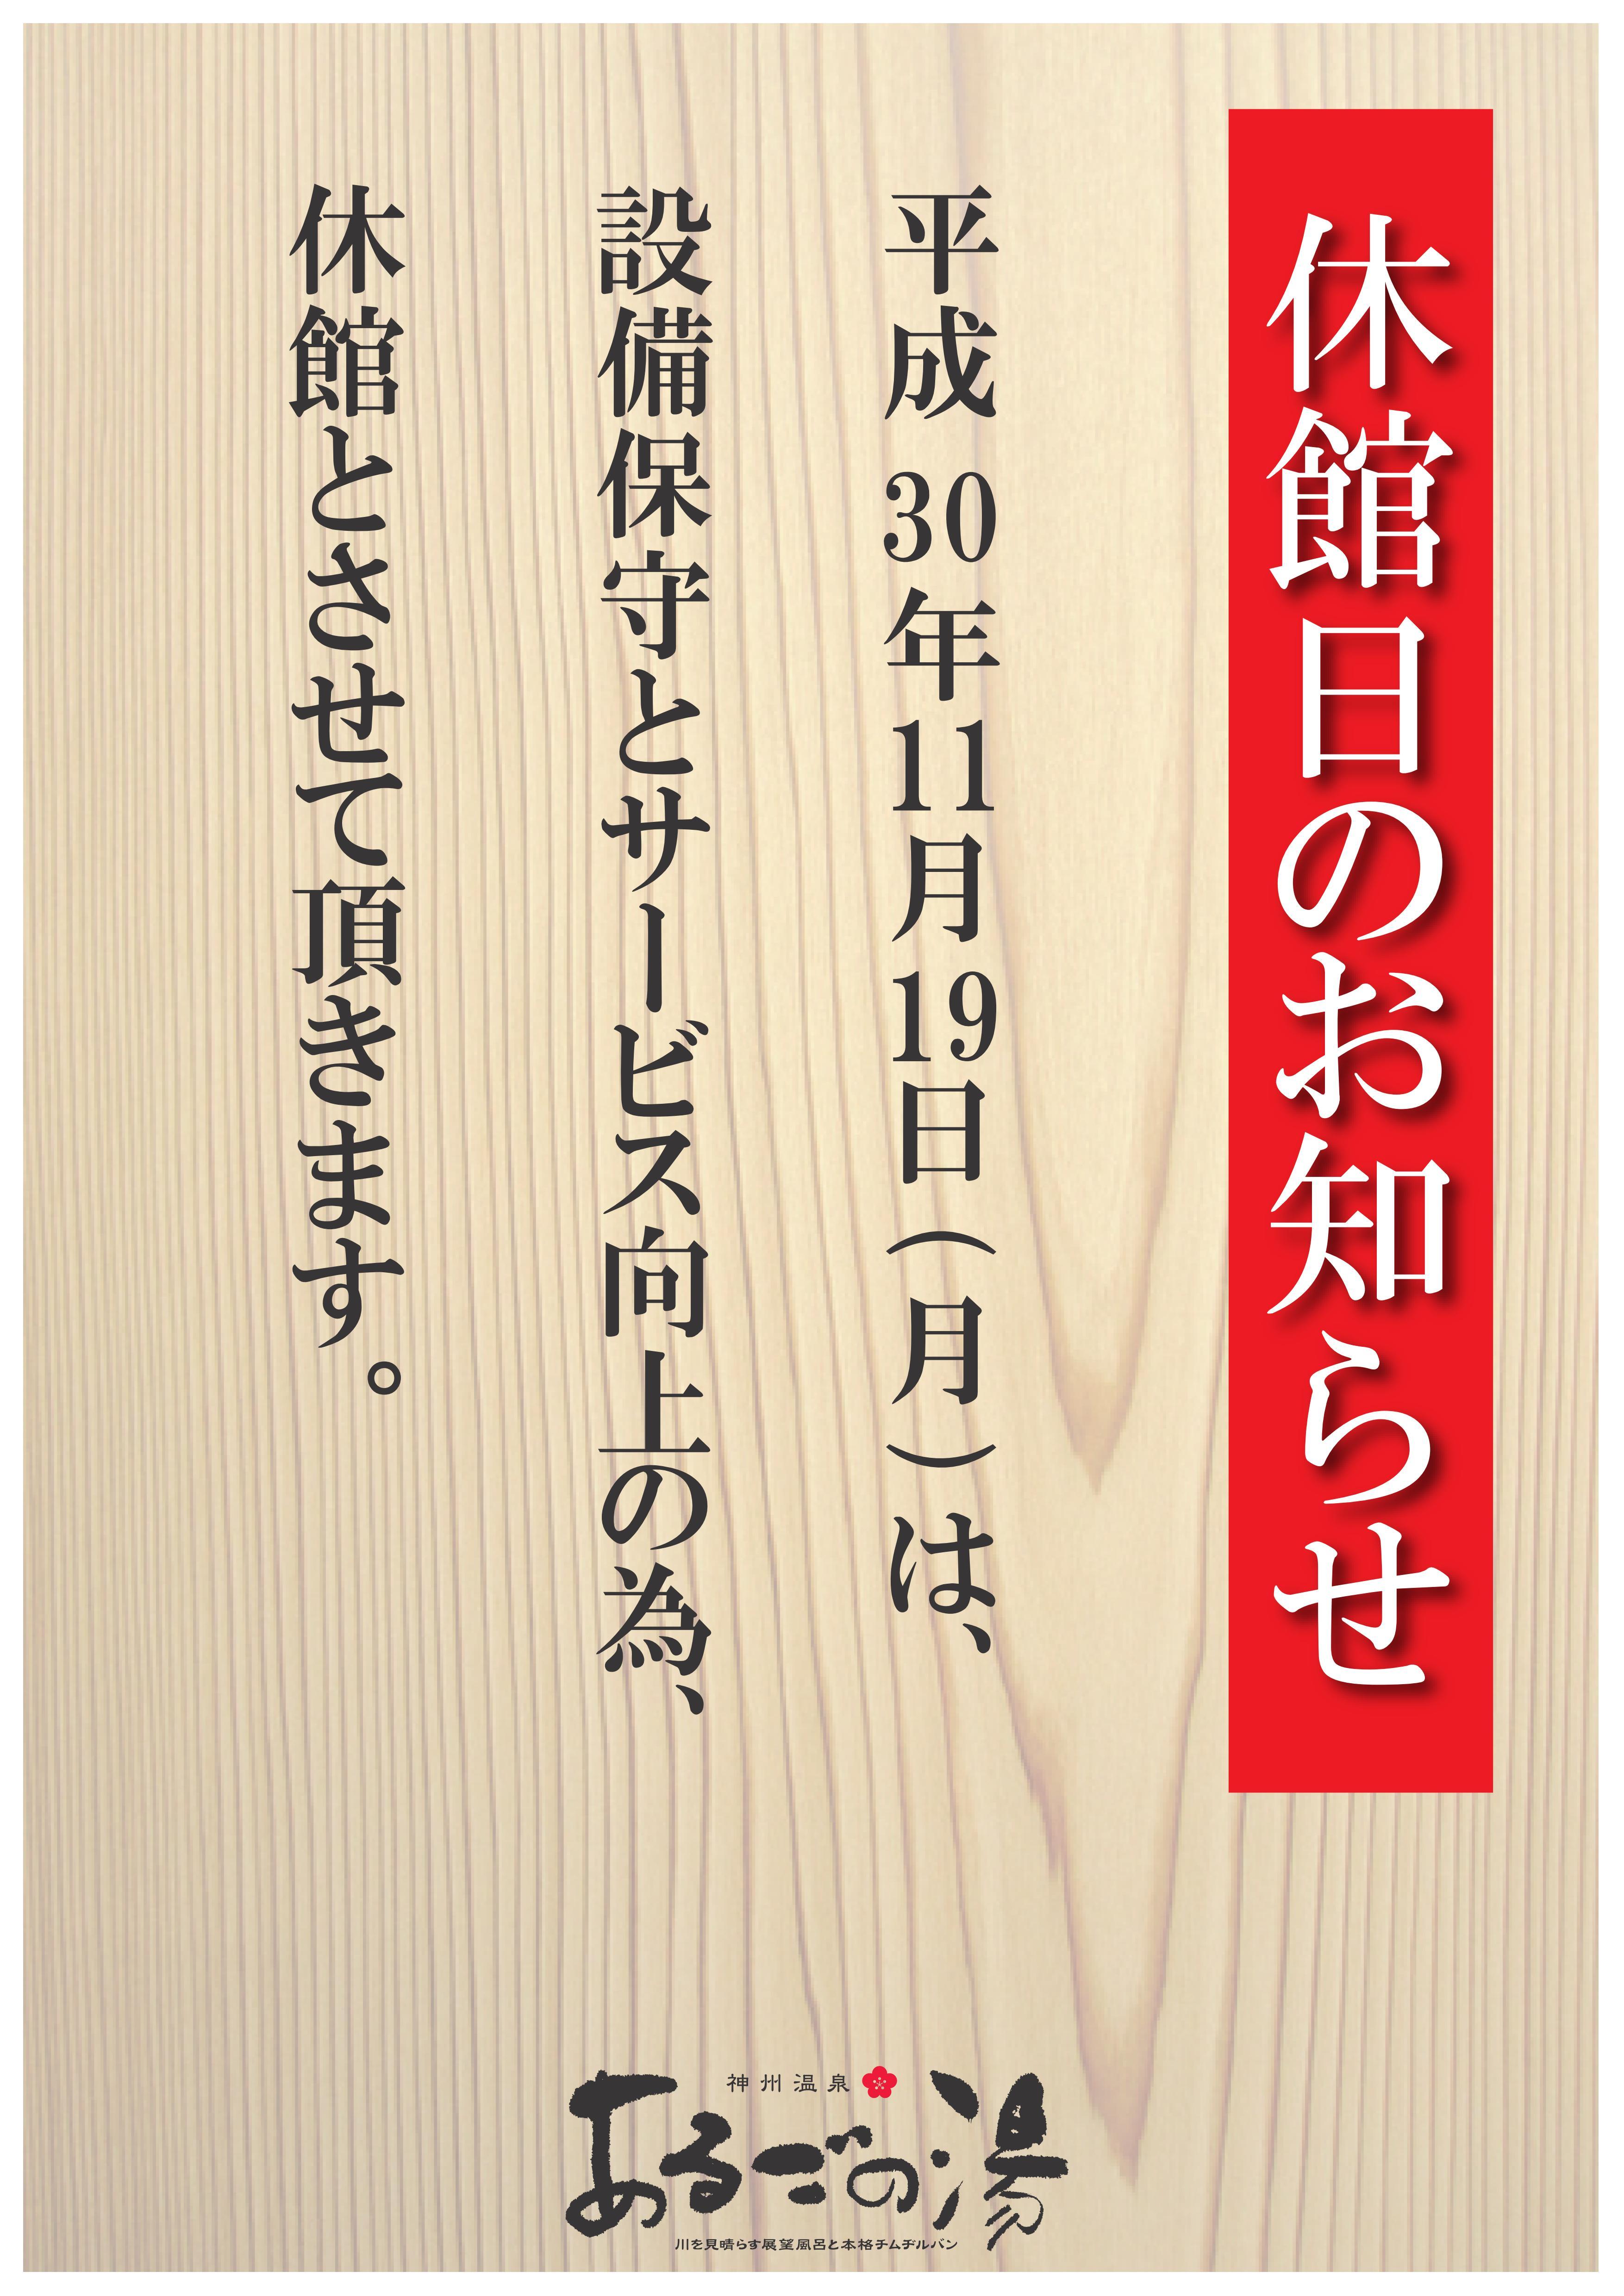 あるごの湯4周年イベント開催!